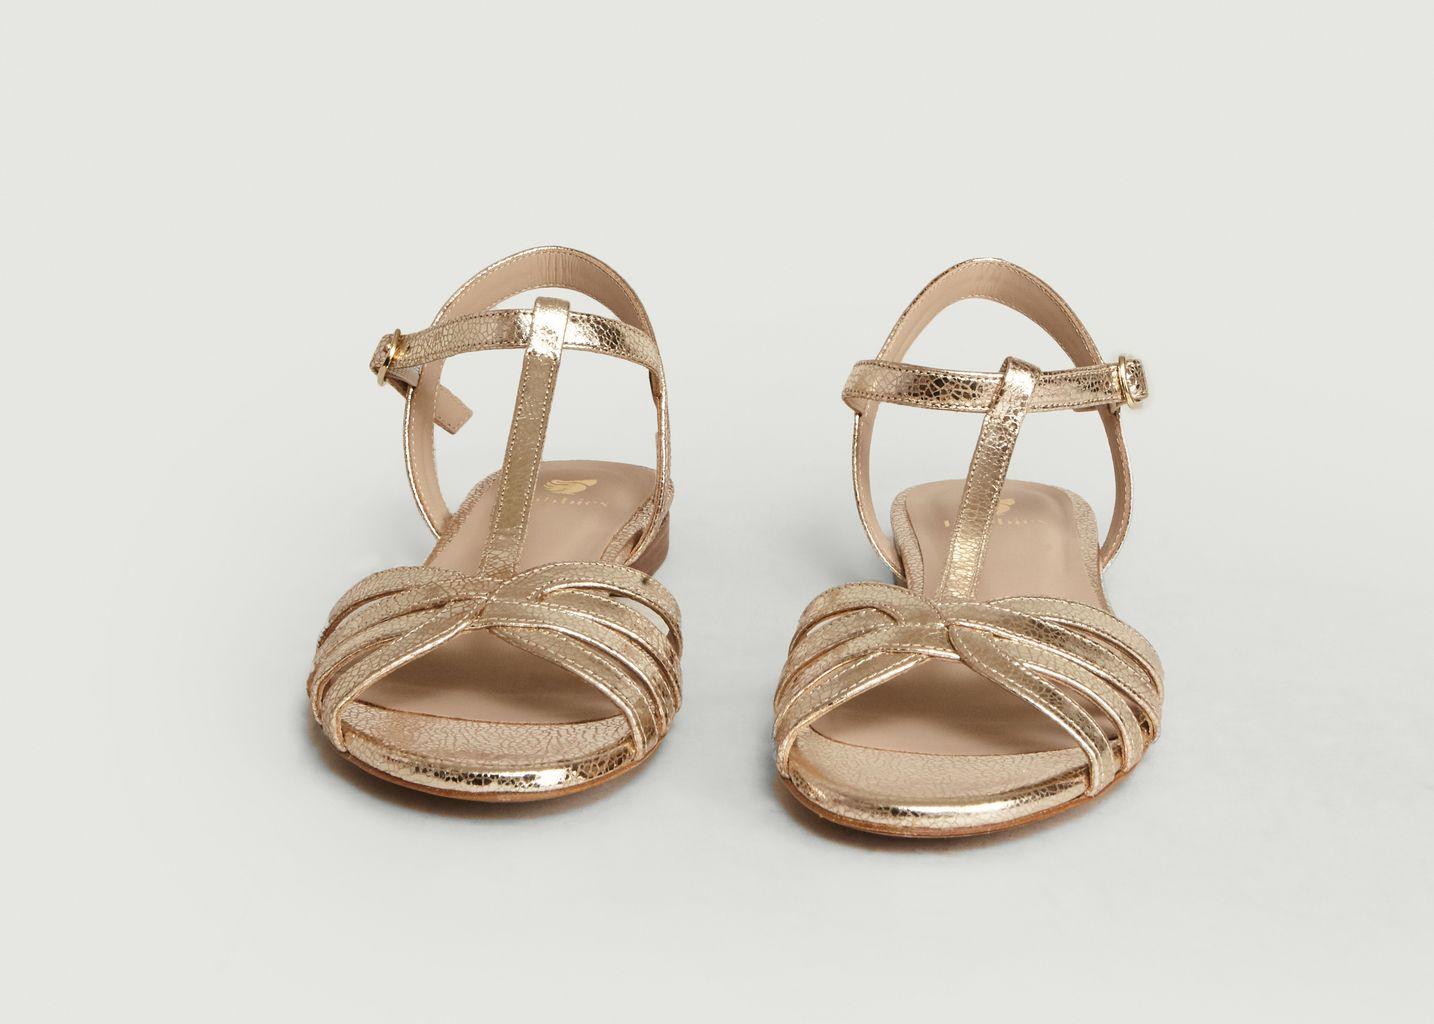 Sandales En Cuir Craquelé La Merveille - Bobbies Paris